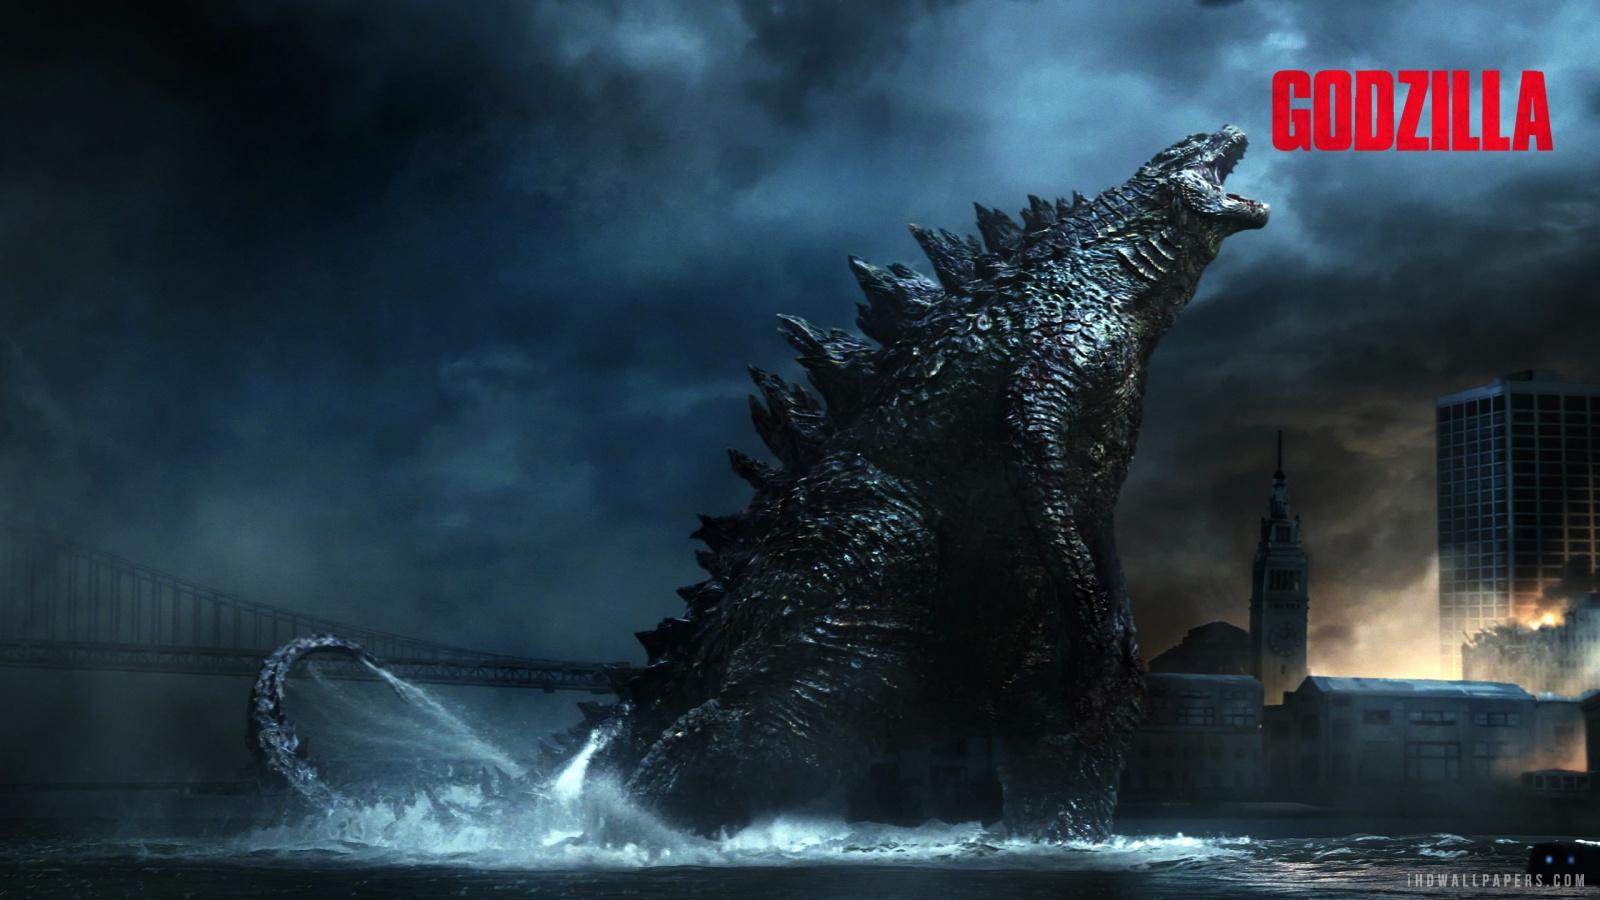 Godzilla 2014 Godzilla Mighty Roar HD Wallpaper   iHD Wallpapers 1600x900